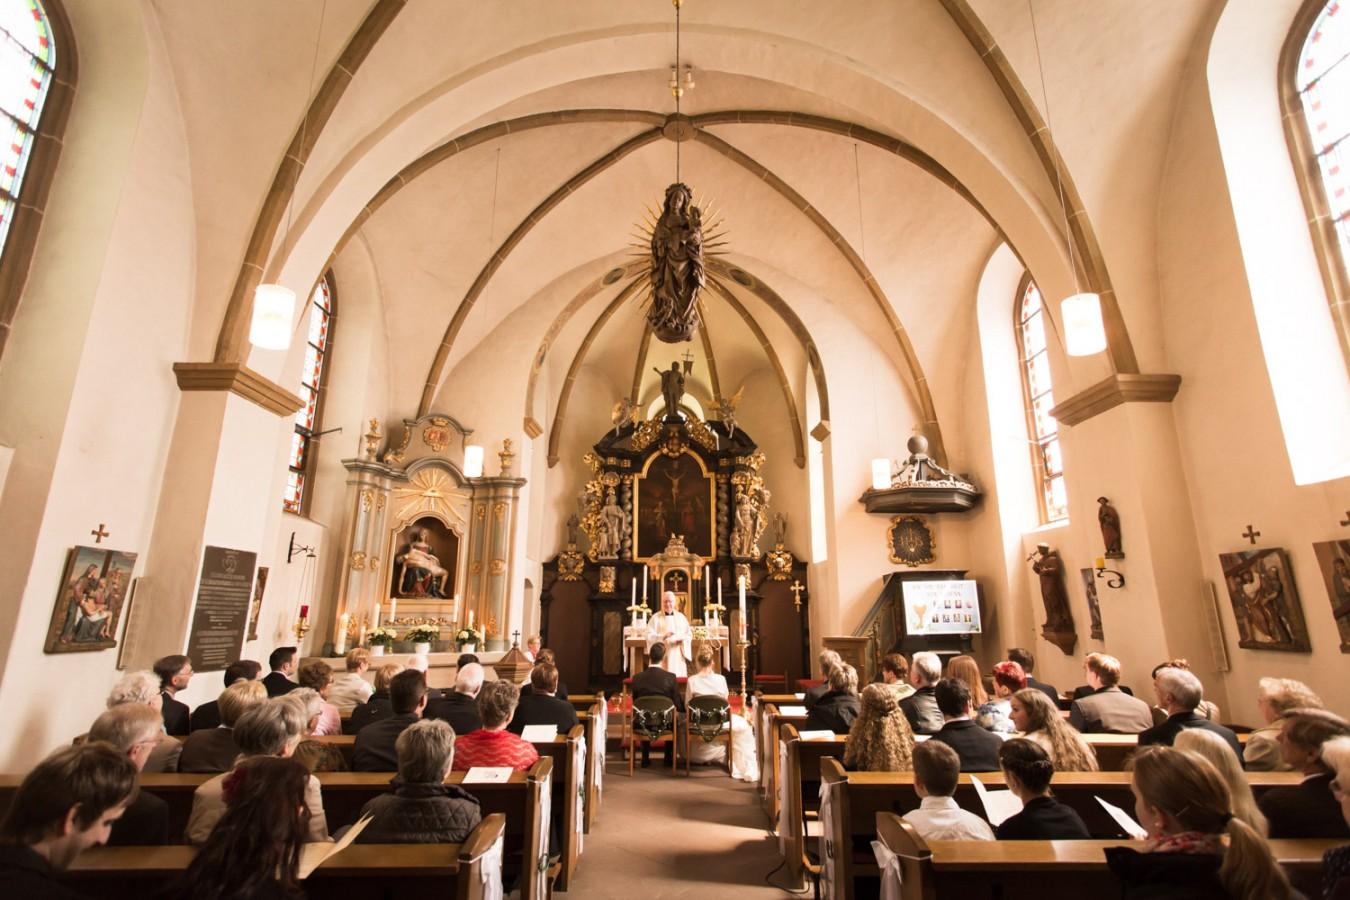 Wasserschloß, Tatenhausen, Bielefeld, Wedding-Day, Halle, Westfalen, Fotoshooting, Kirche, Kapelle, Wetter, Sonnig, Warm,